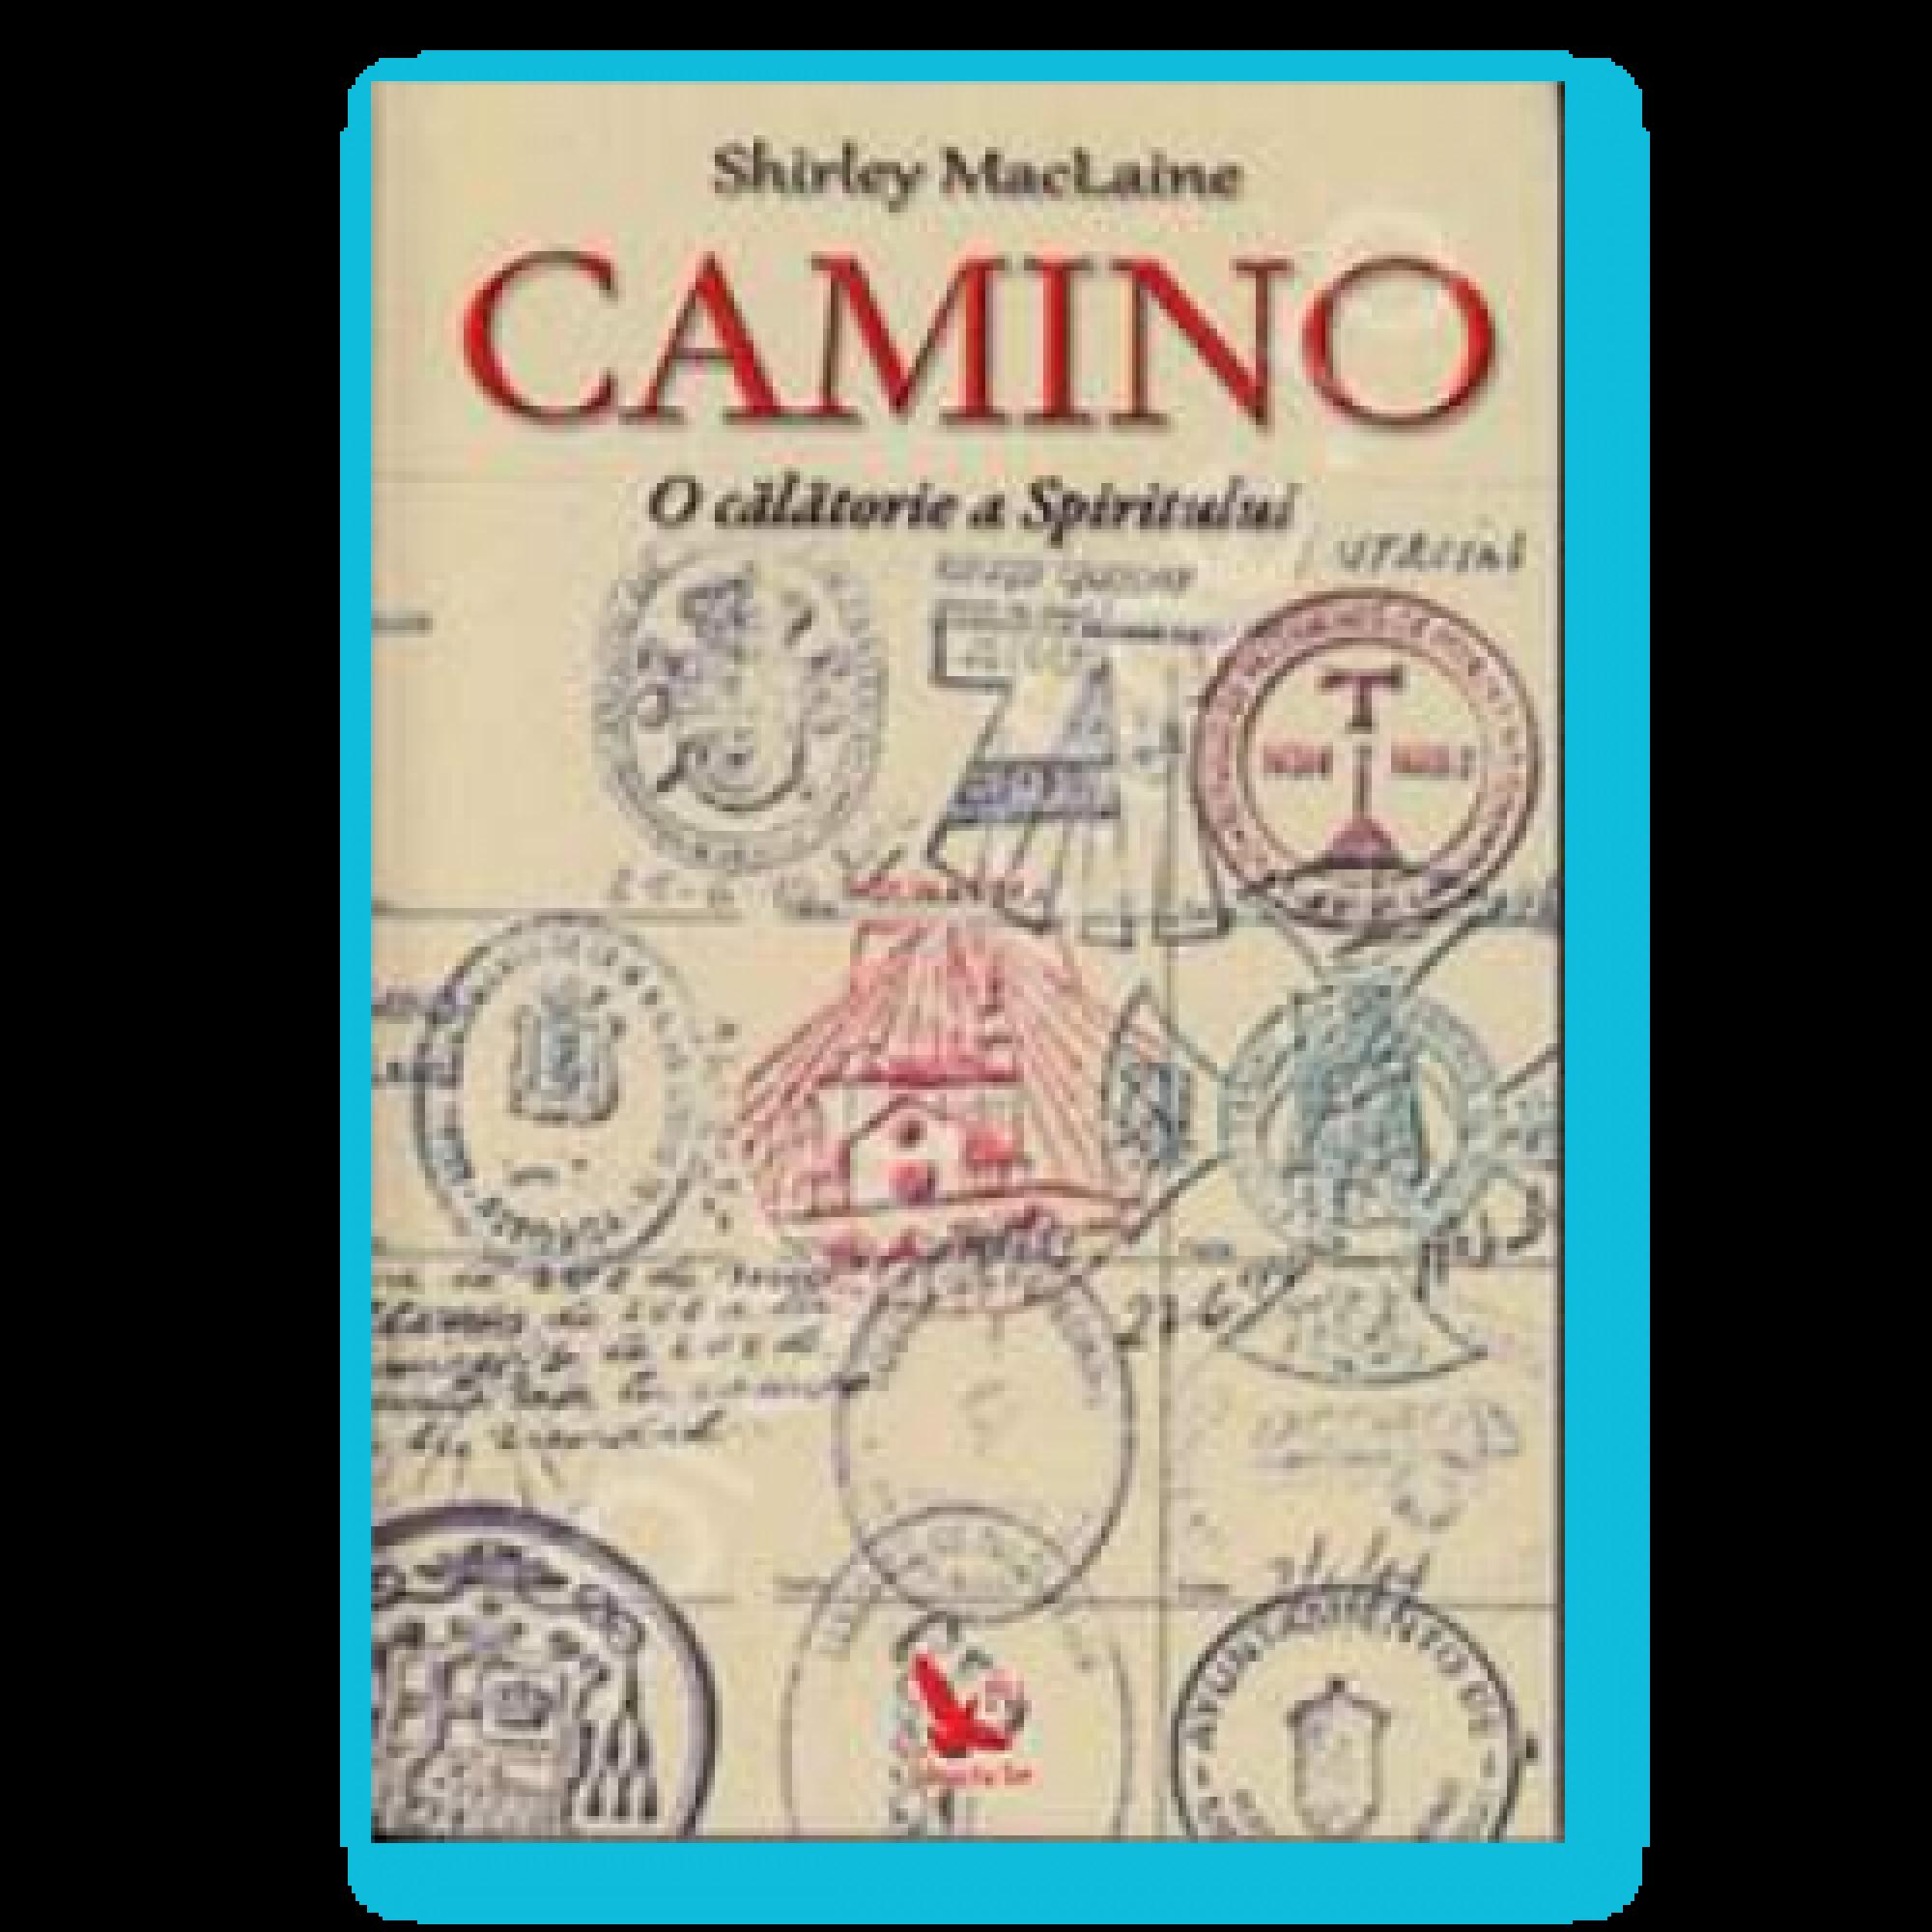 Camino. O călătorie a spiritului